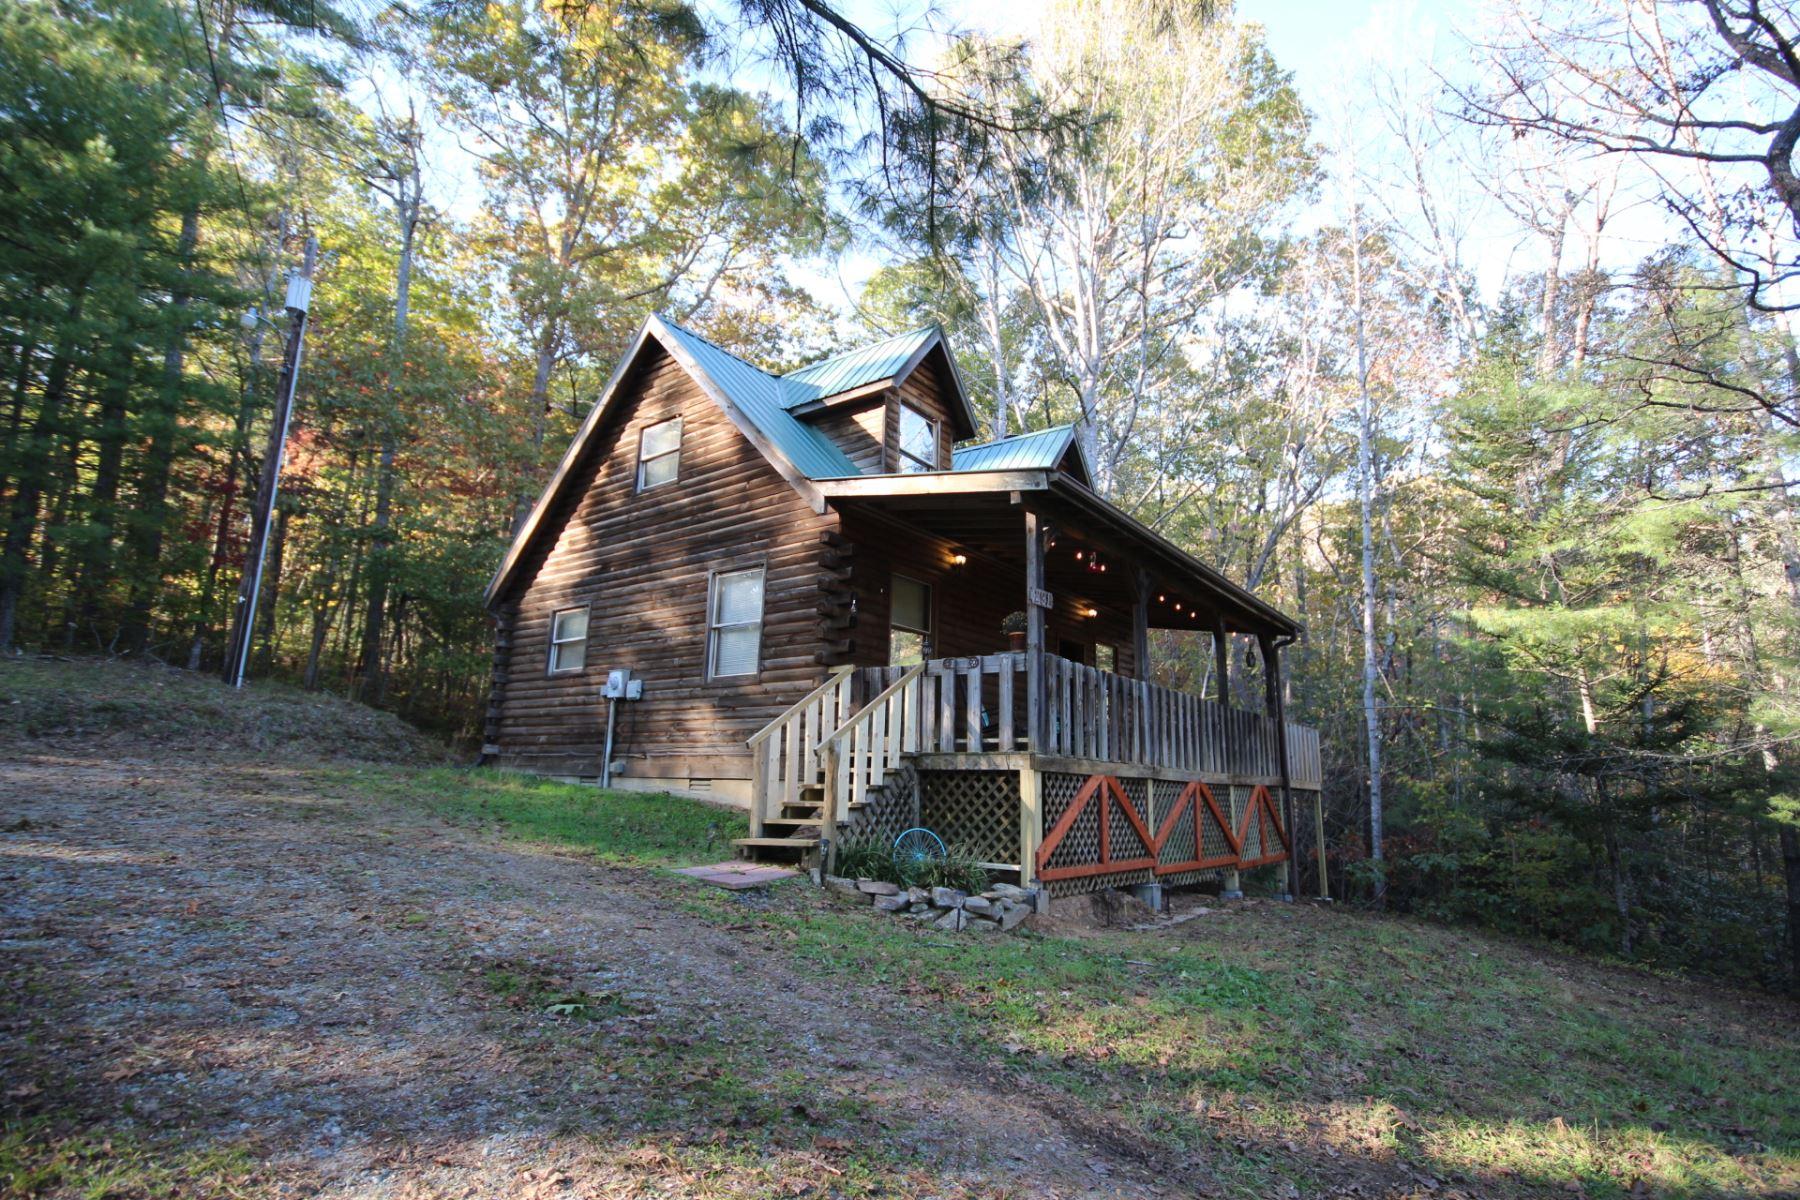 Floor Plan for Hike and Bike Hideaway Cabin in Hendersonville